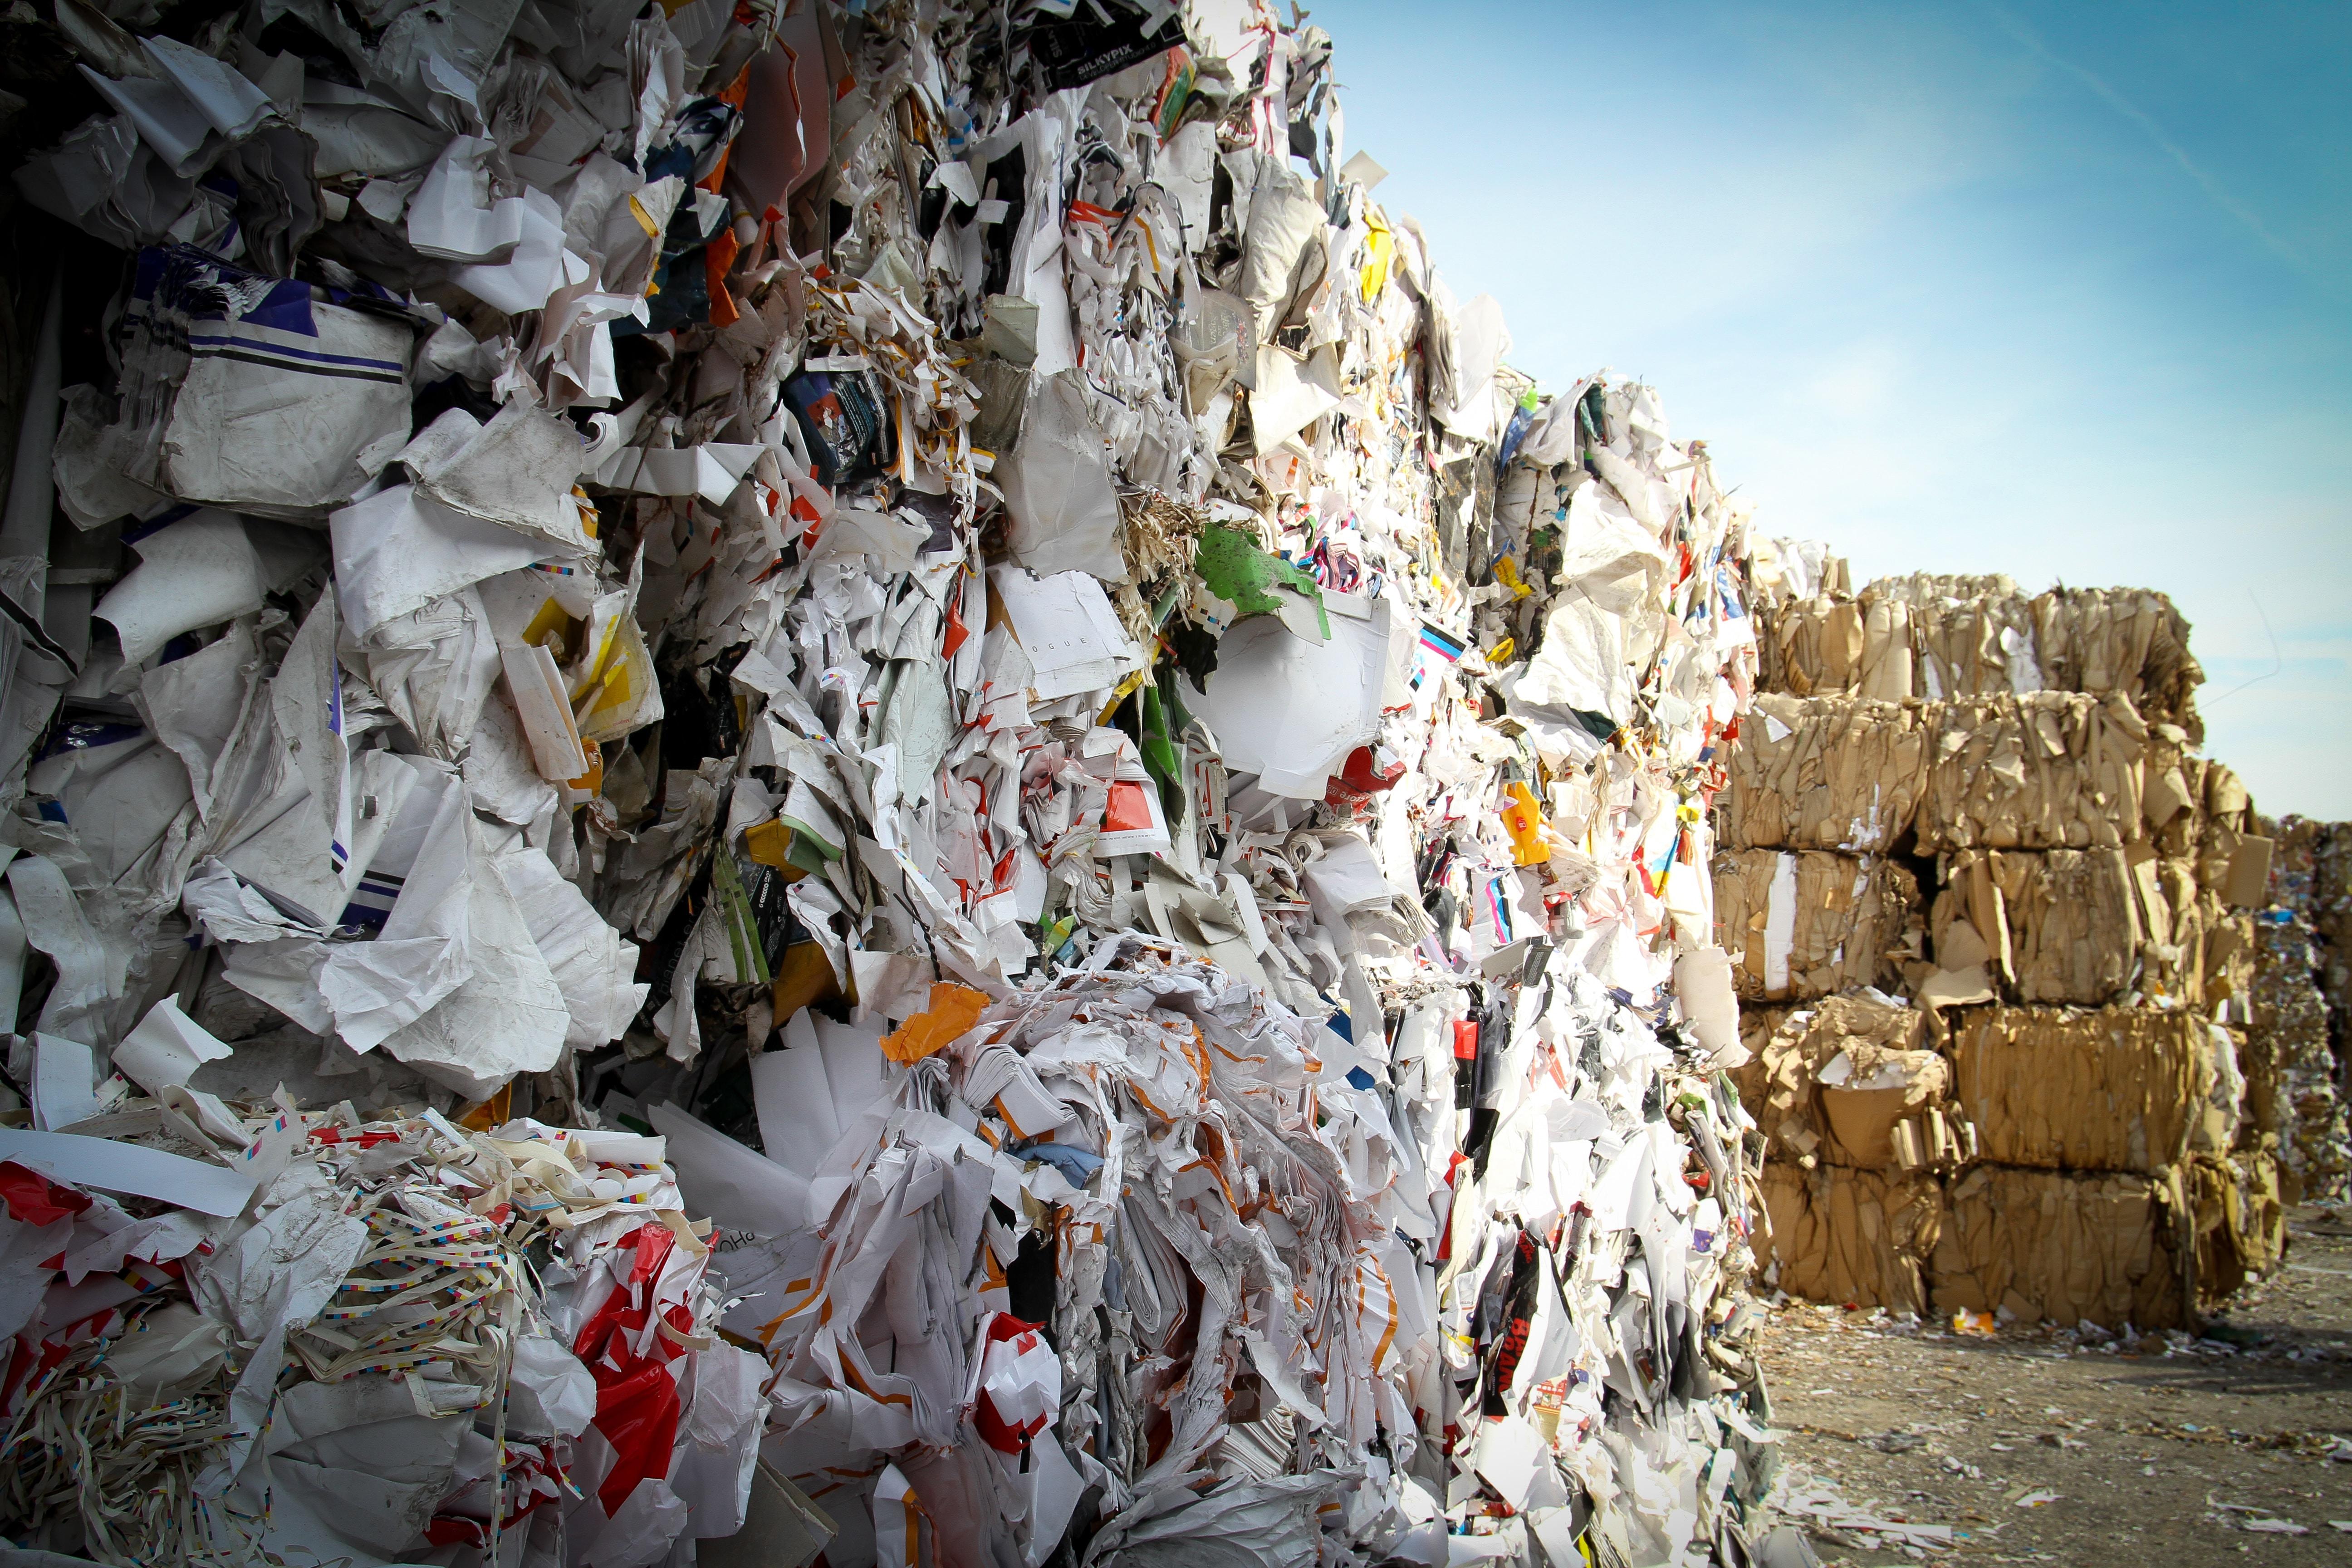 Szkolenia z gospodarki odpadami